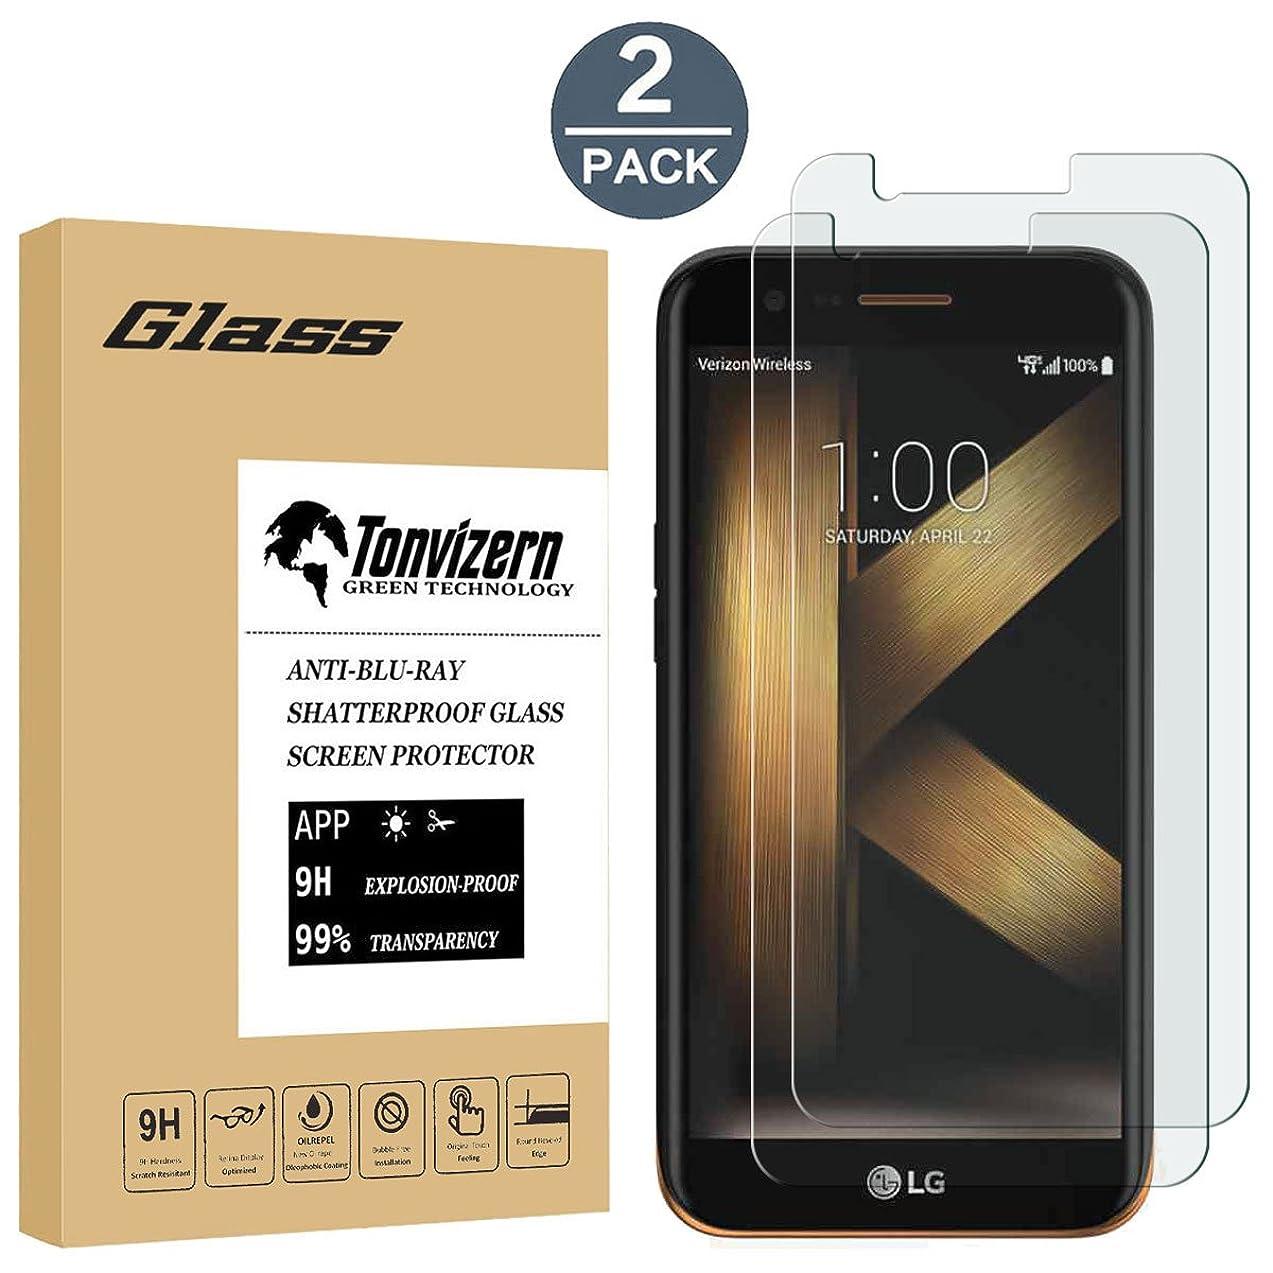 [2 Pack]LG K20 Plus/LG K10 2017/LG V5/LG K20 V Tempered Glass Screen Protector, Anti-Scratch Ultra Clear 9H Premium 0.26mm HD Screen Protector Film for LG K20 Plus